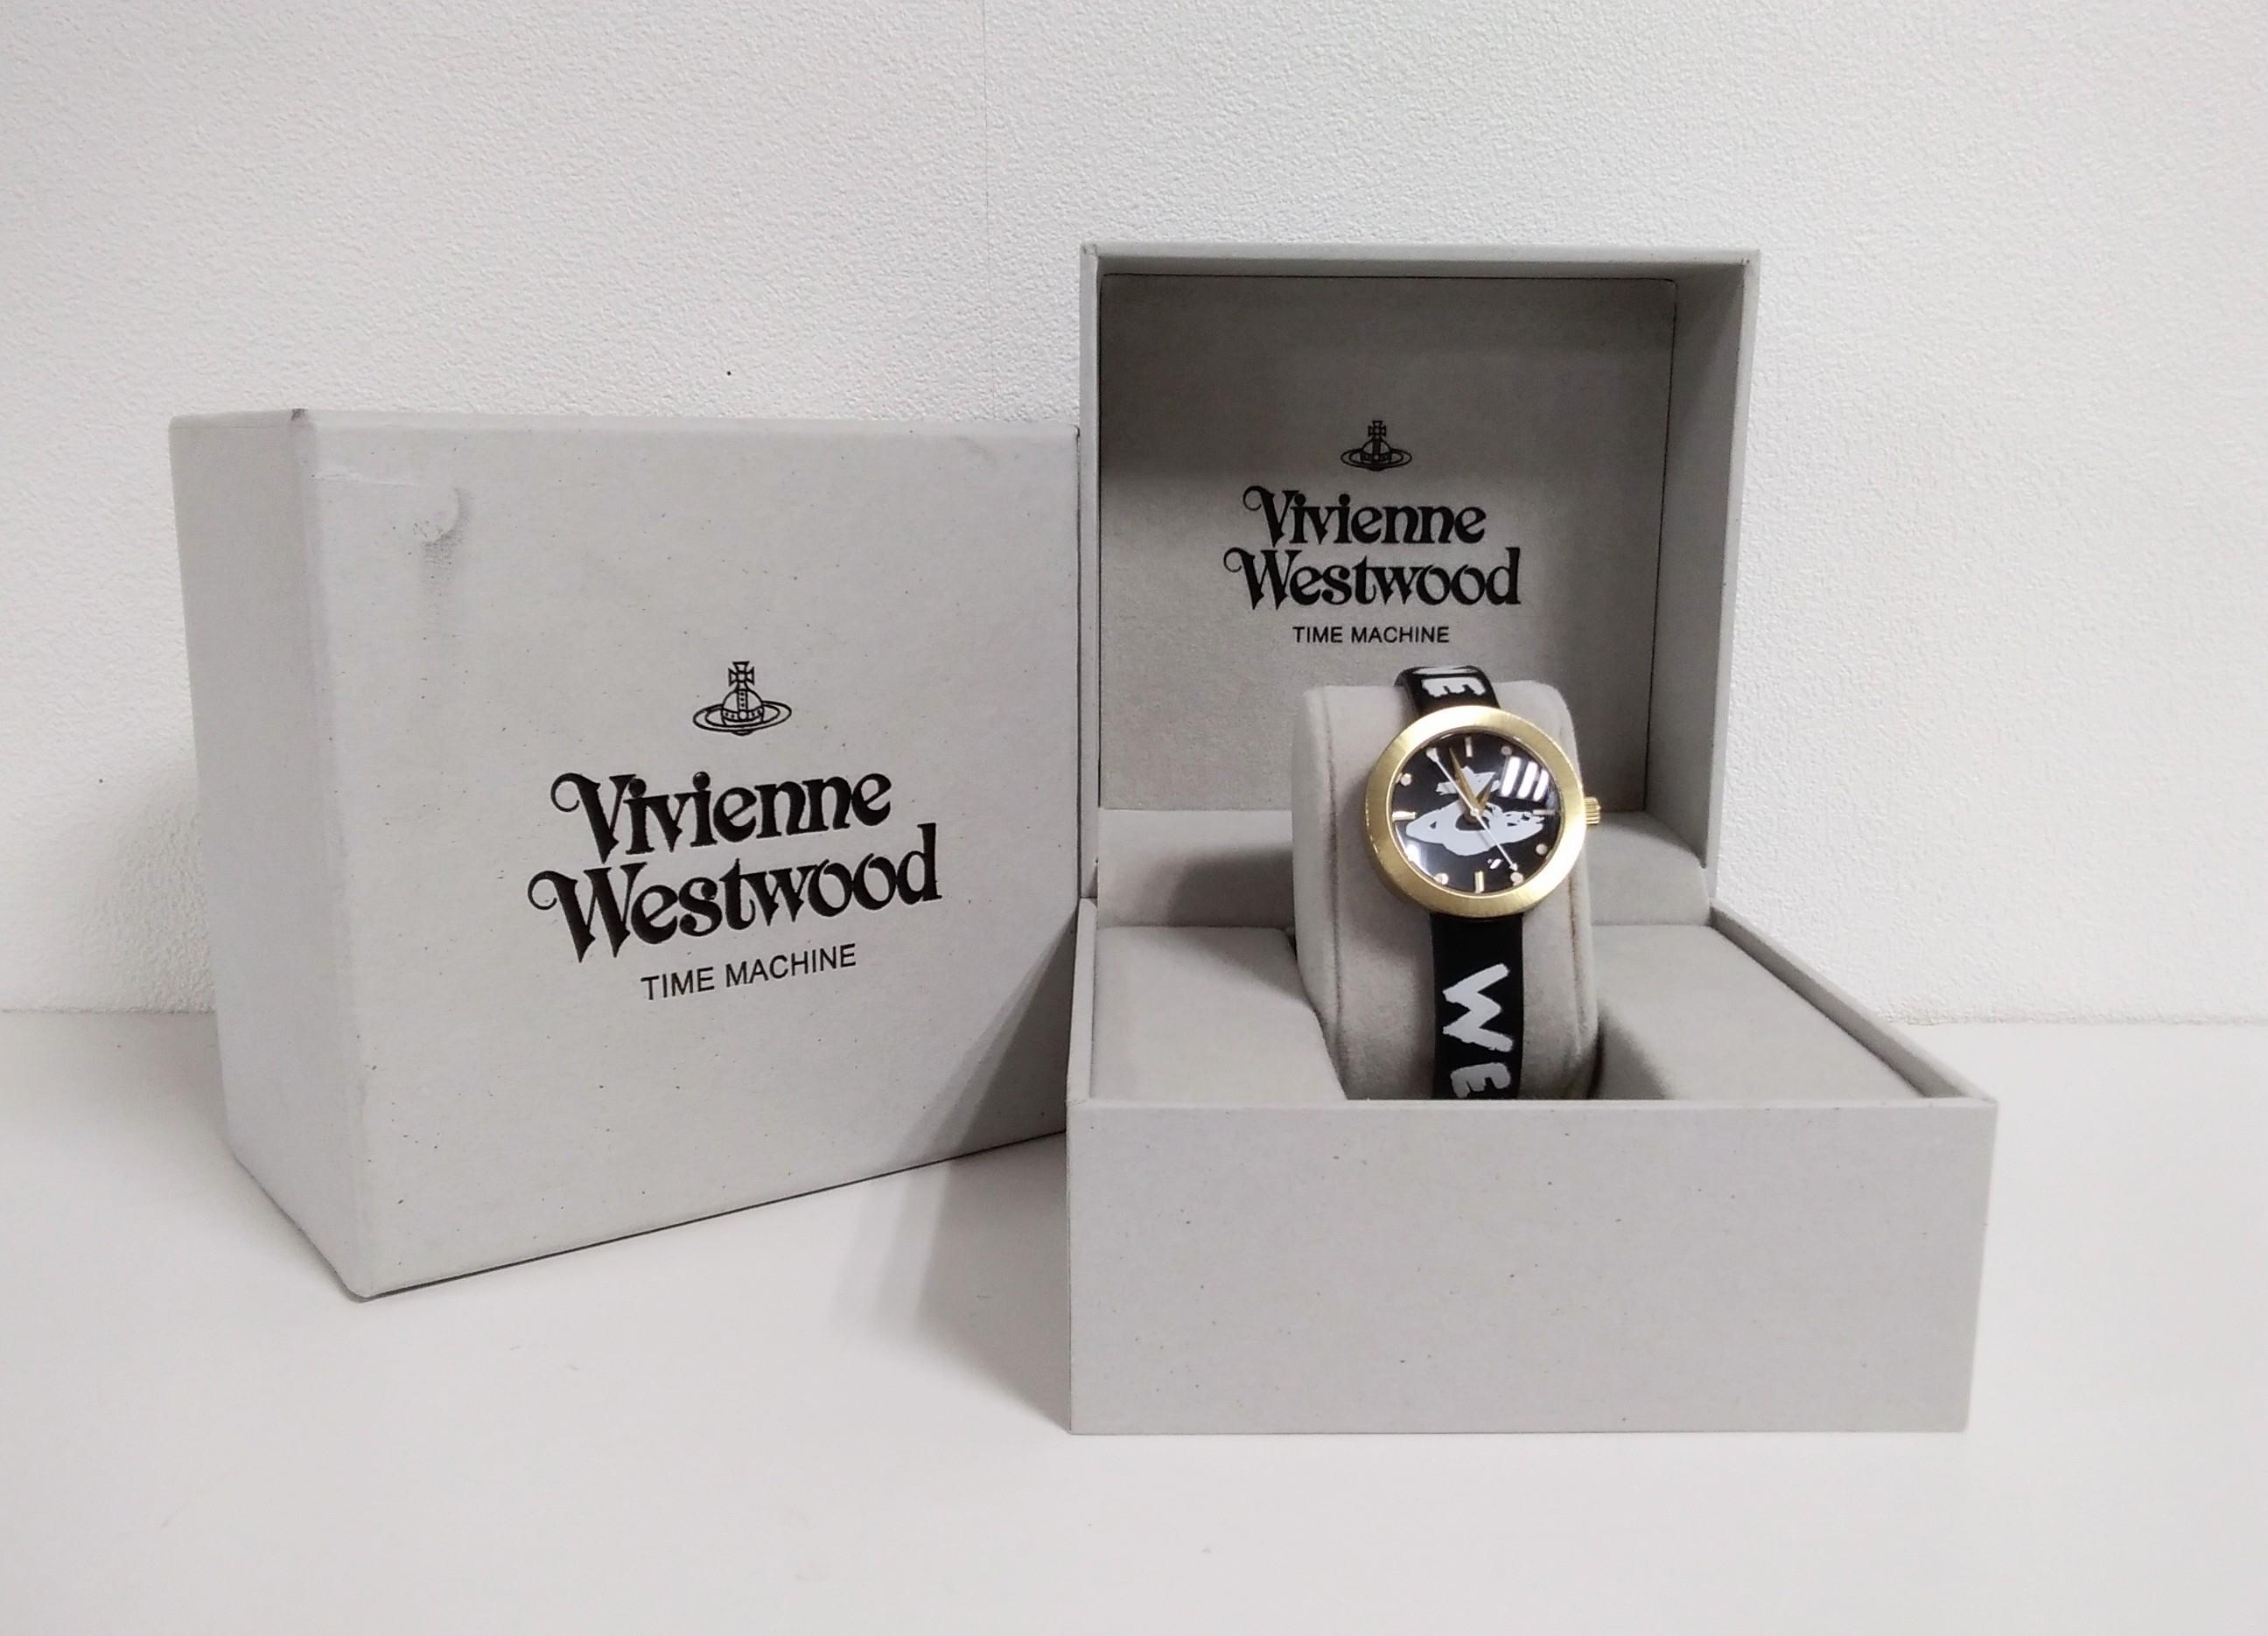 【VIVIENNE WESTWOOD】クォーツ腕時計|VIVIENNE WESTWOOD